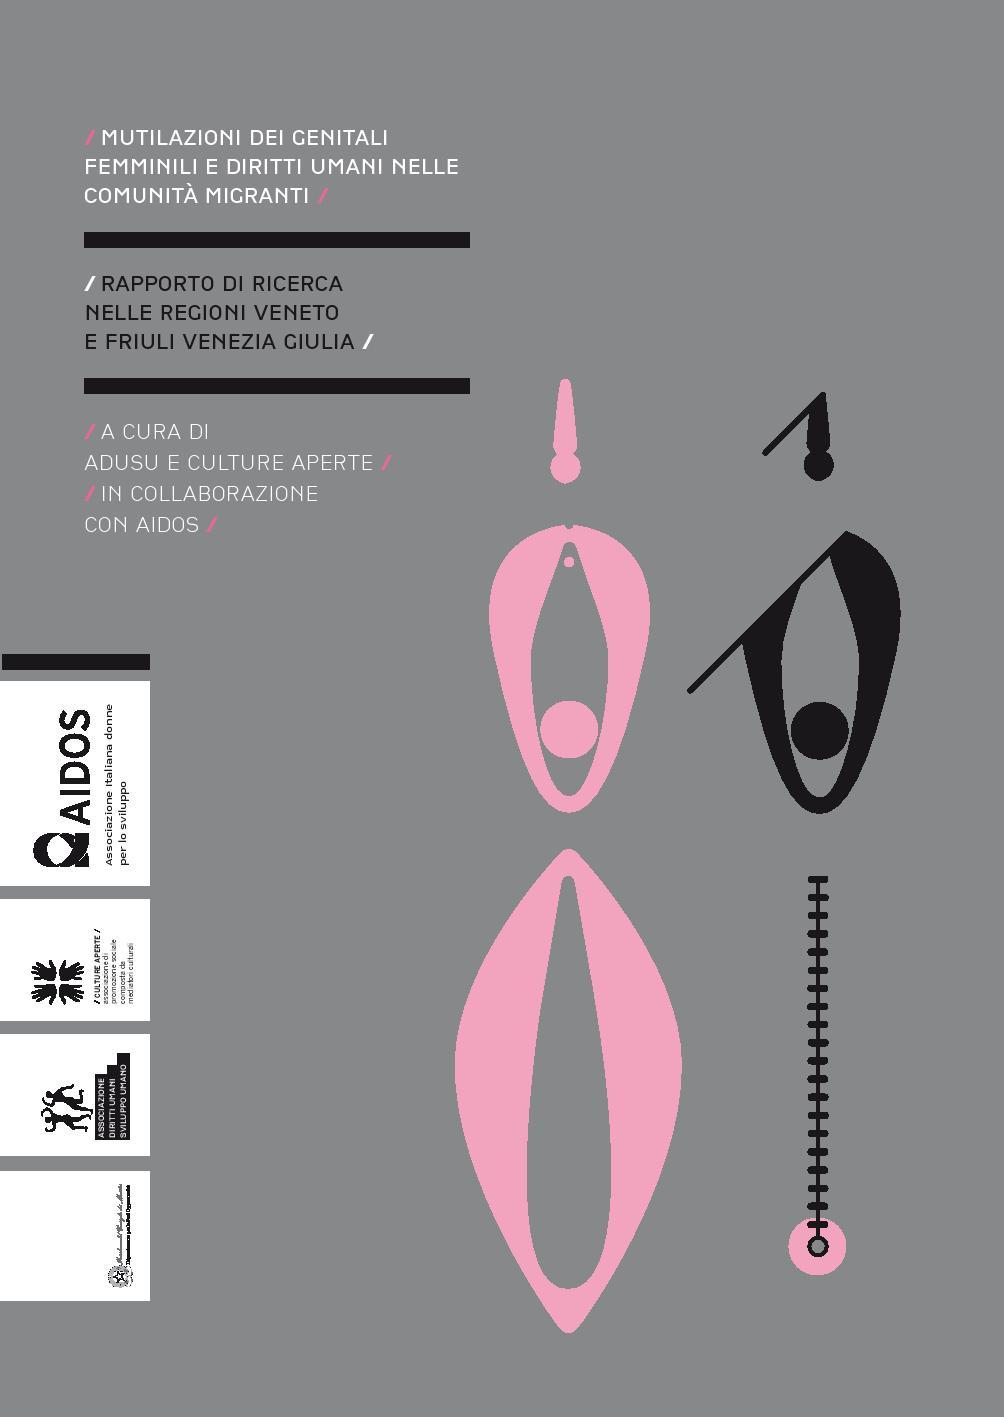 Mutilazioni dei genitali femminili e diritti umani nelle comunità  migranti. Rapporto di ricerca nelle regioni Veneto e Friuli Venezia Giulia